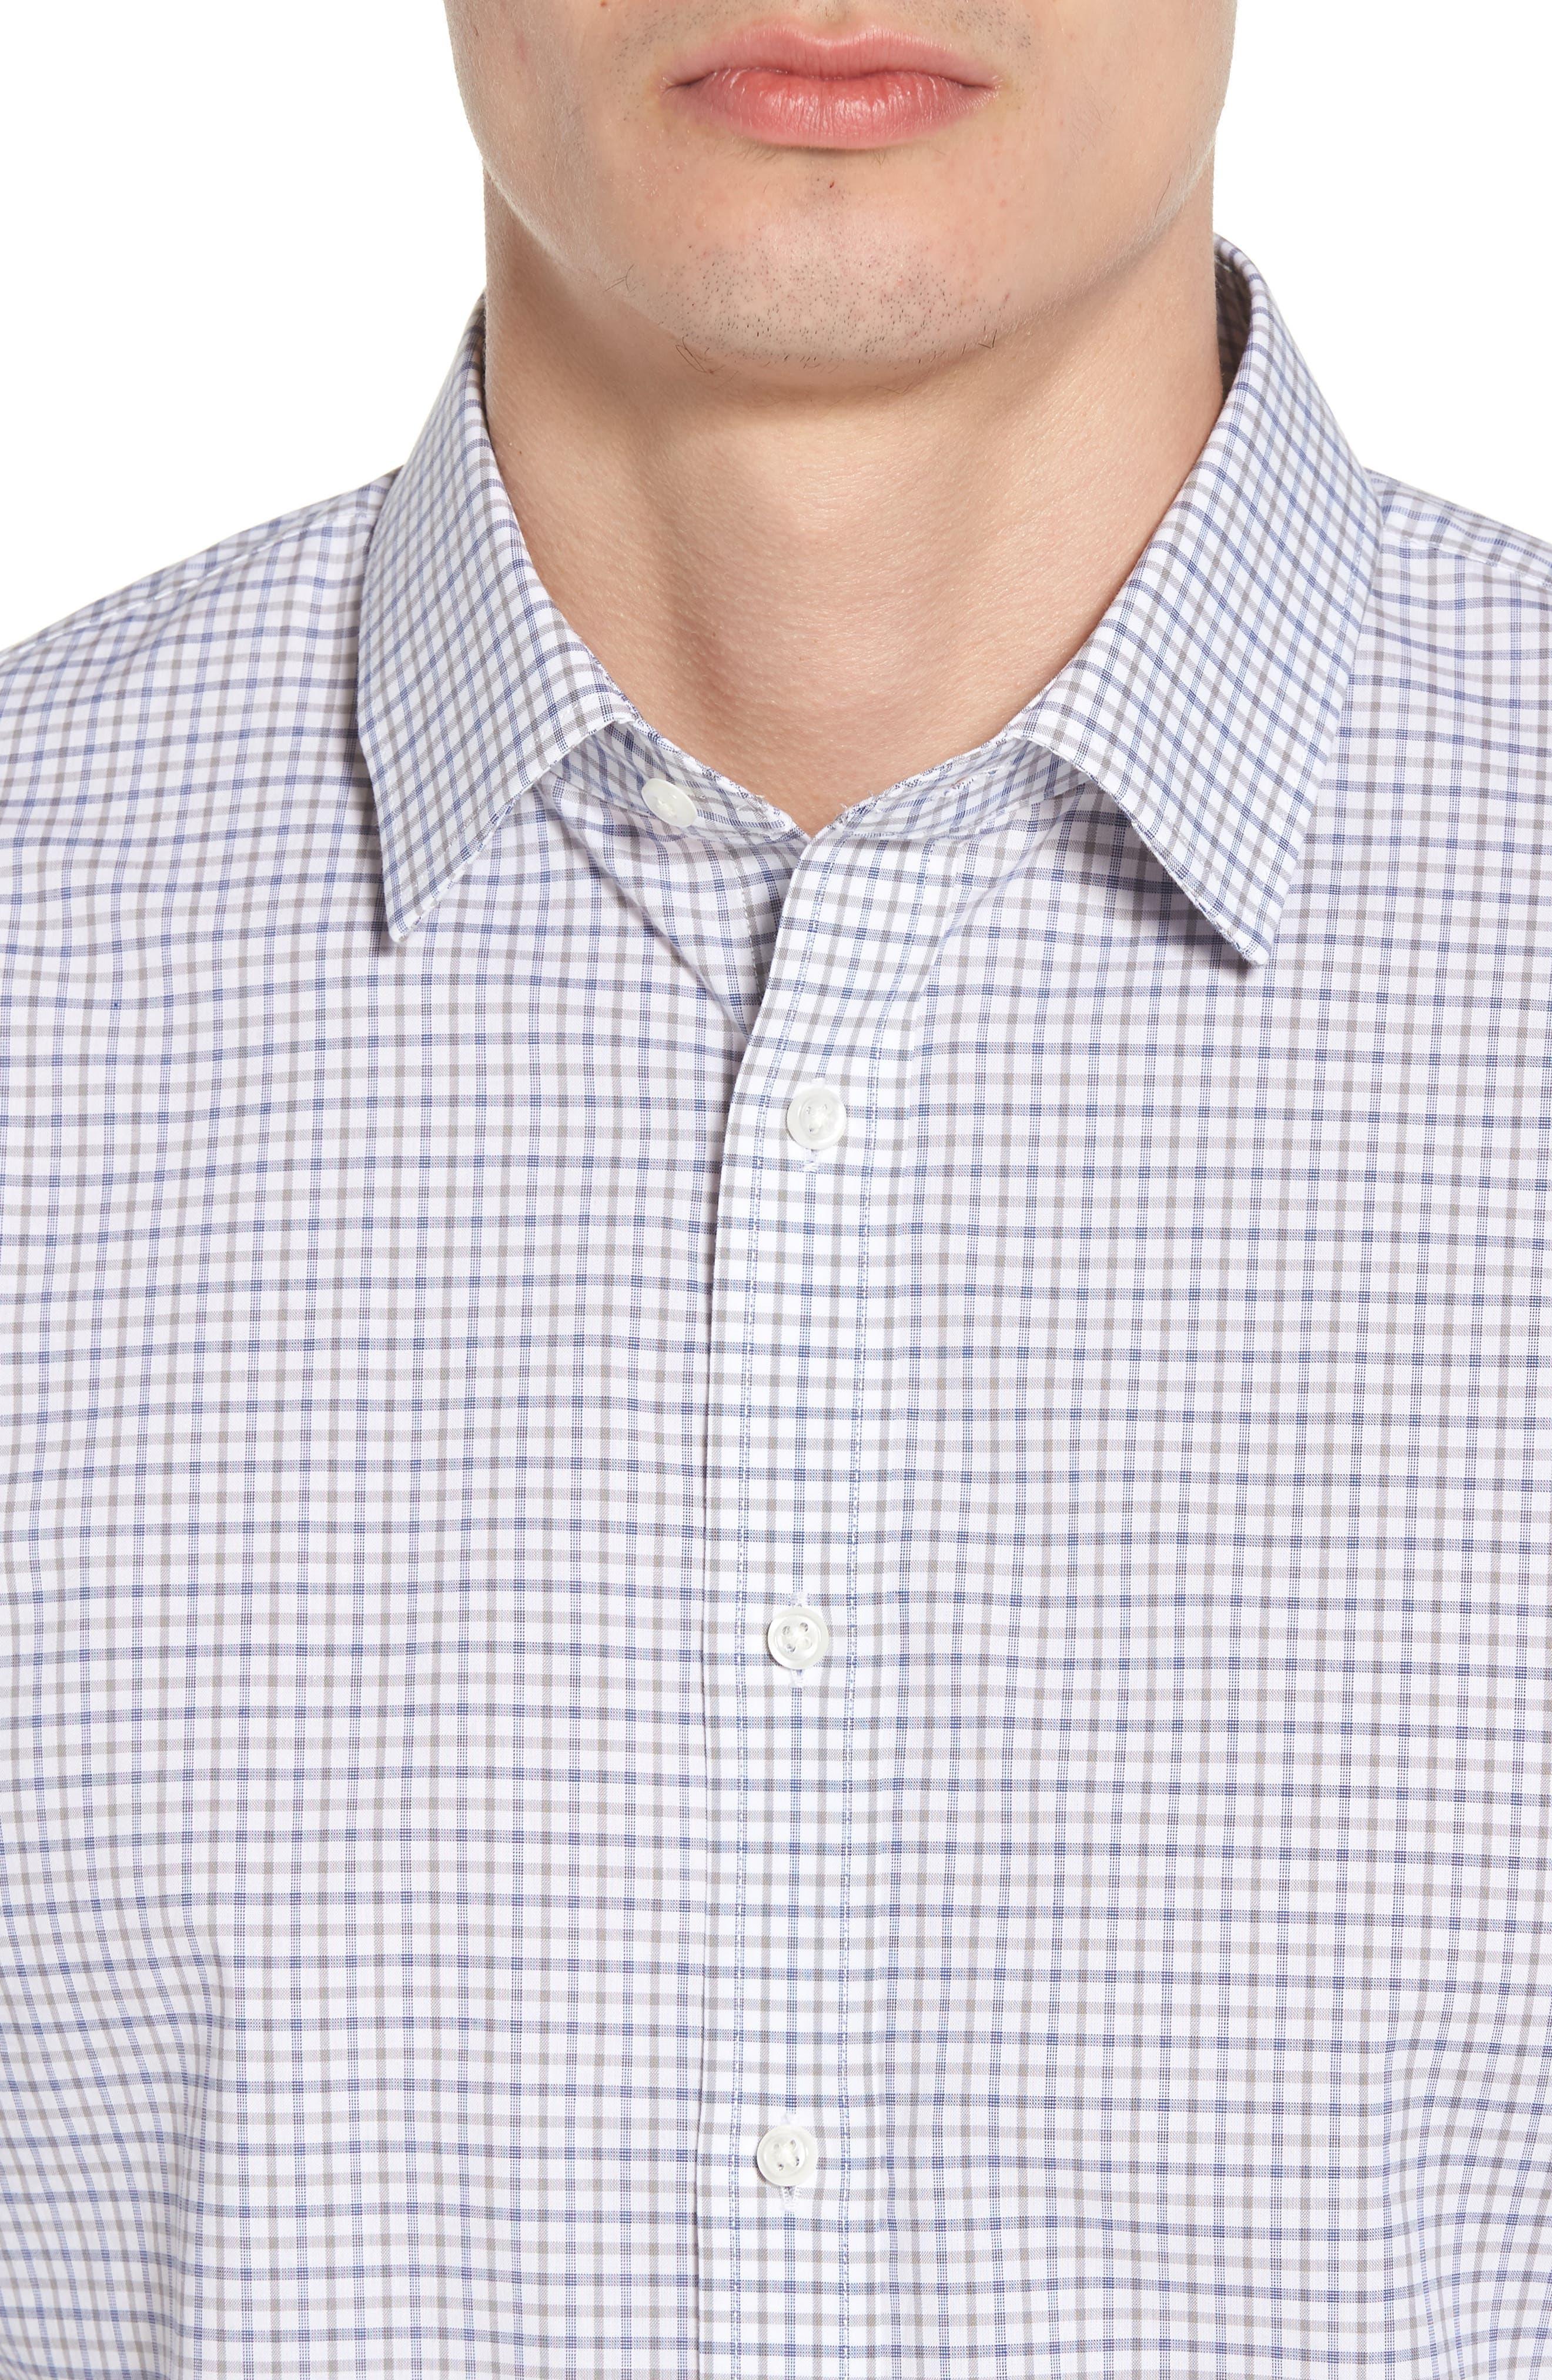 Trim Fit Check Dress Shirt,                             Alternate thumbnail 2, color,                             050